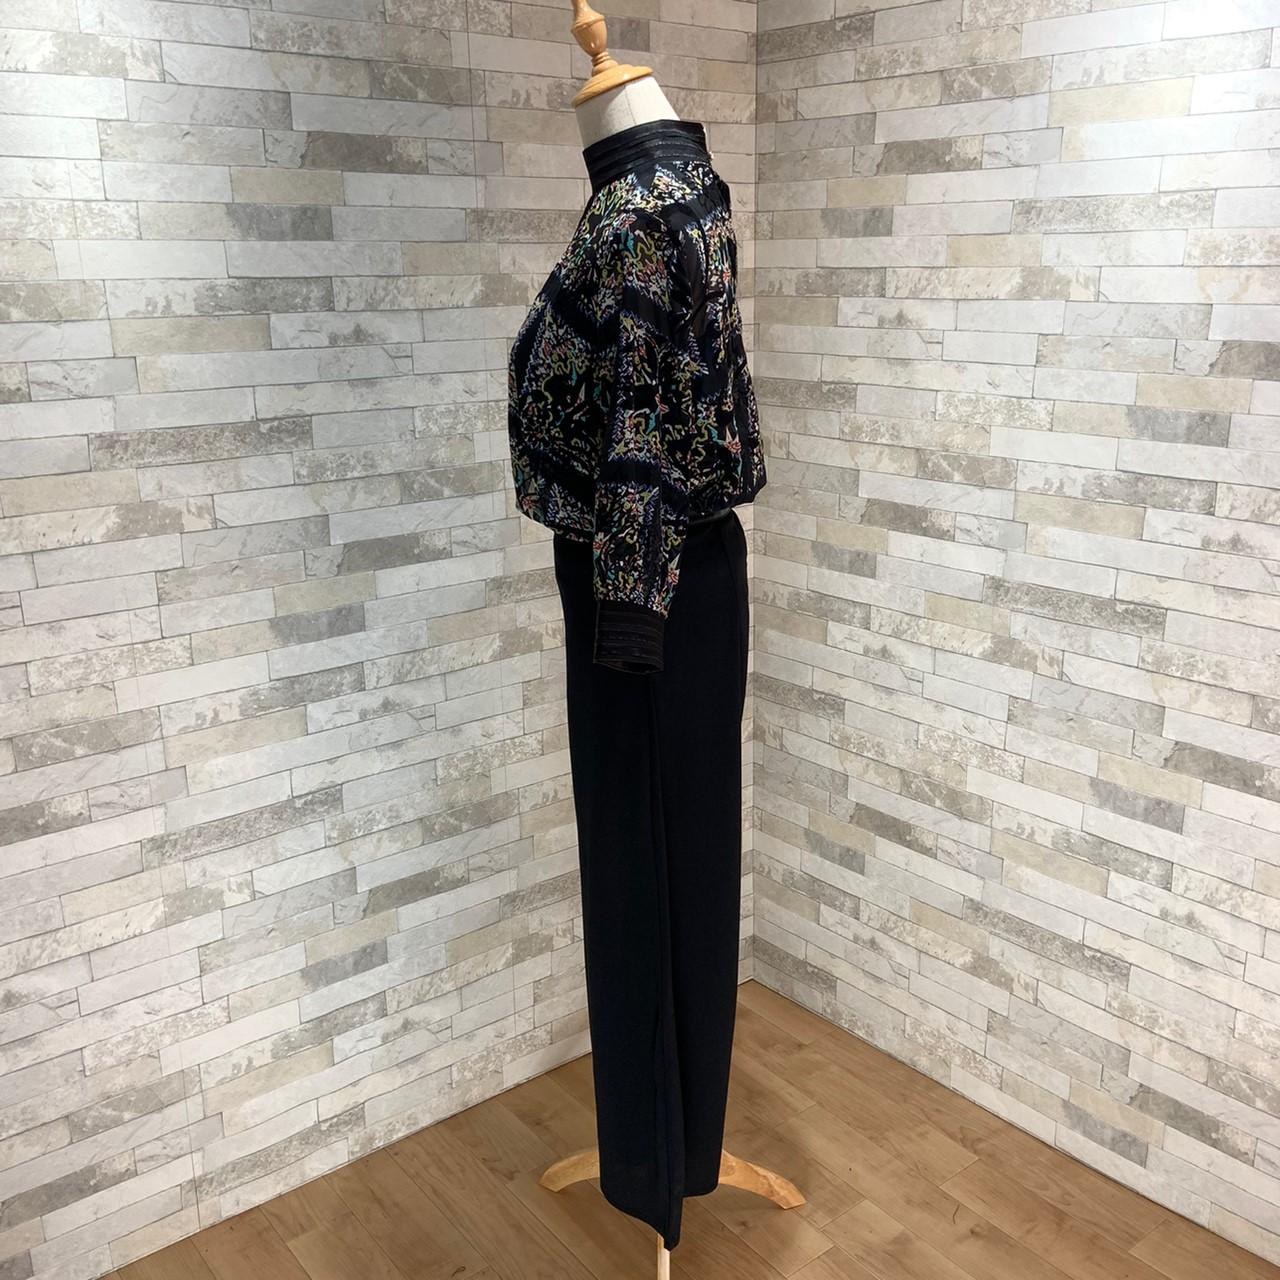 【即納】韓国 ファッション パンツ セットアップ パーティードレス 結婚式 お呼ばれドレス 秋 夏 春 パーティー ブライダル SPTX7230  エレガント シースルー ロ 二次会 セレブ きれいめの写真20枚目